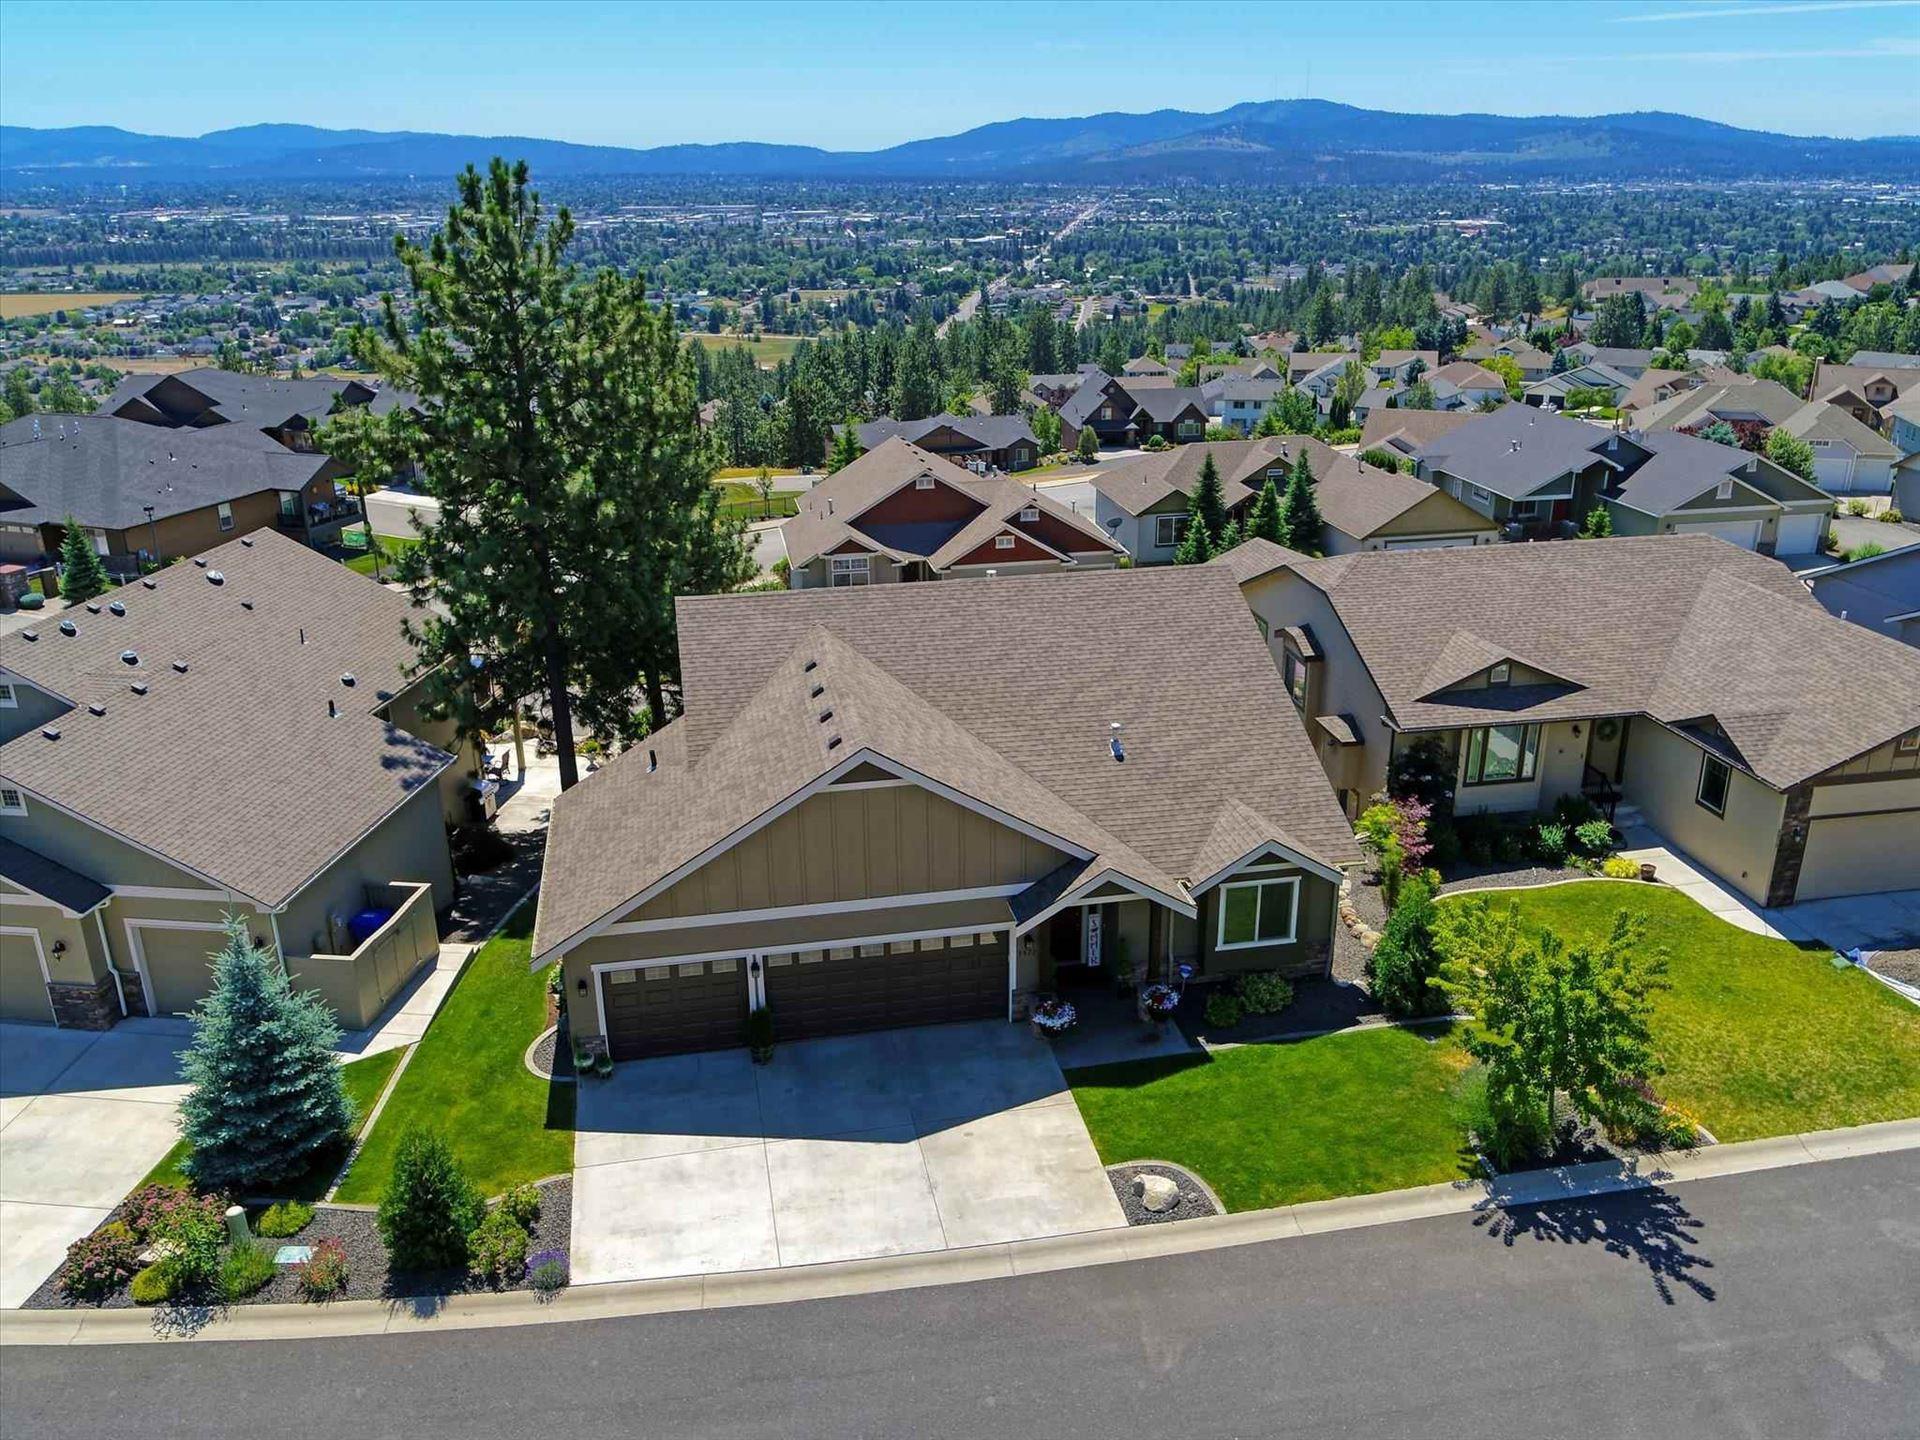 8822 E Clearview Ln, Spokane, WA 99217 - #: 202118987